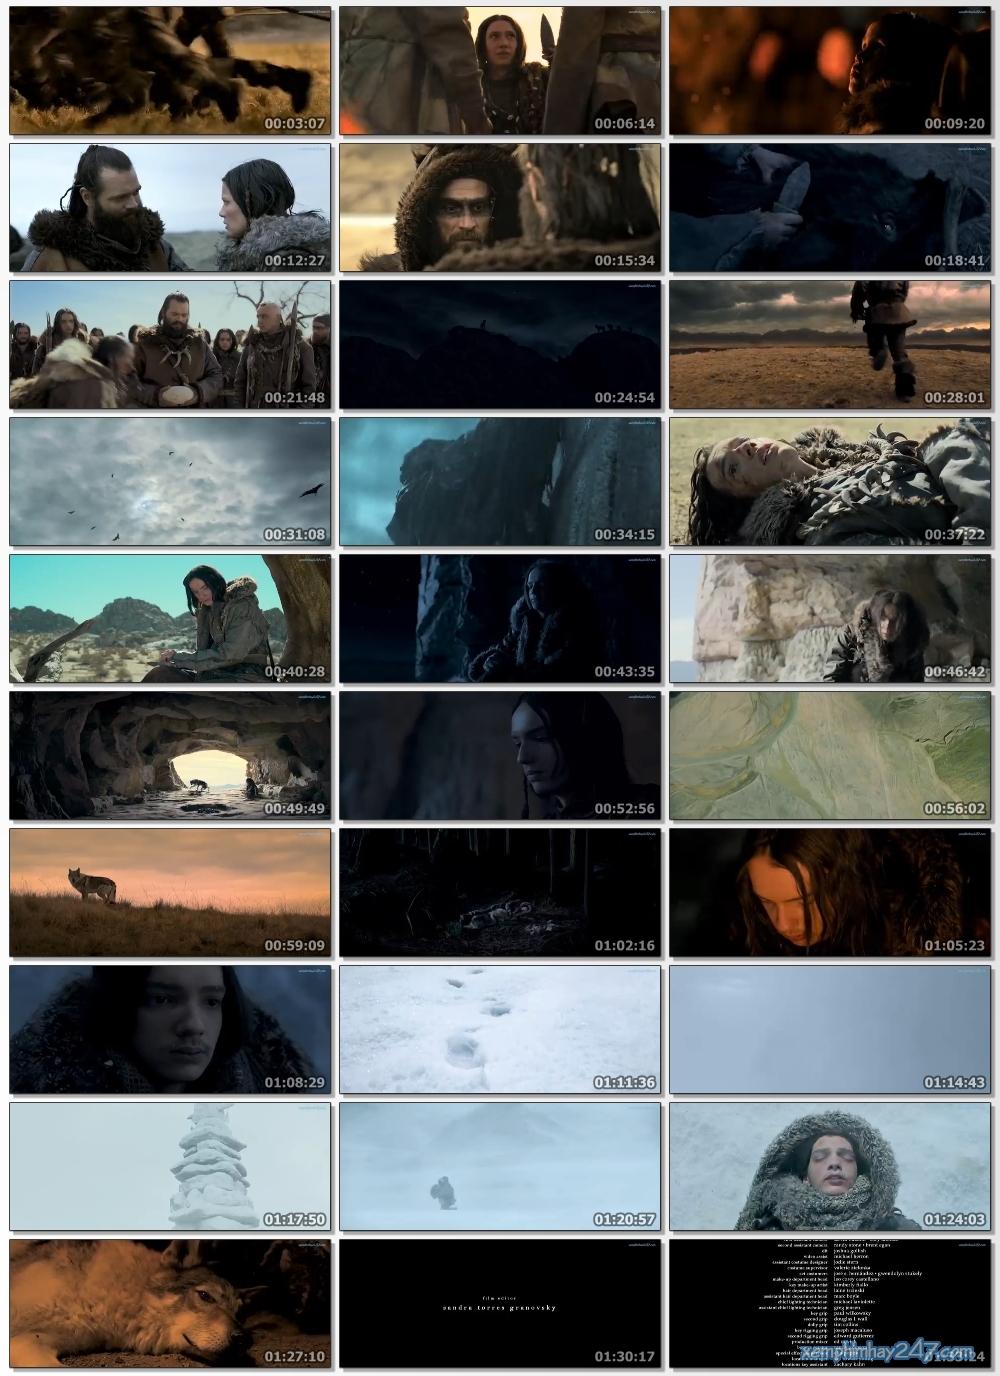 http://xemphimhay247.com - Xem phim hay 247 - Người Thủ Lĩnh (2018) - Alpha (2018)